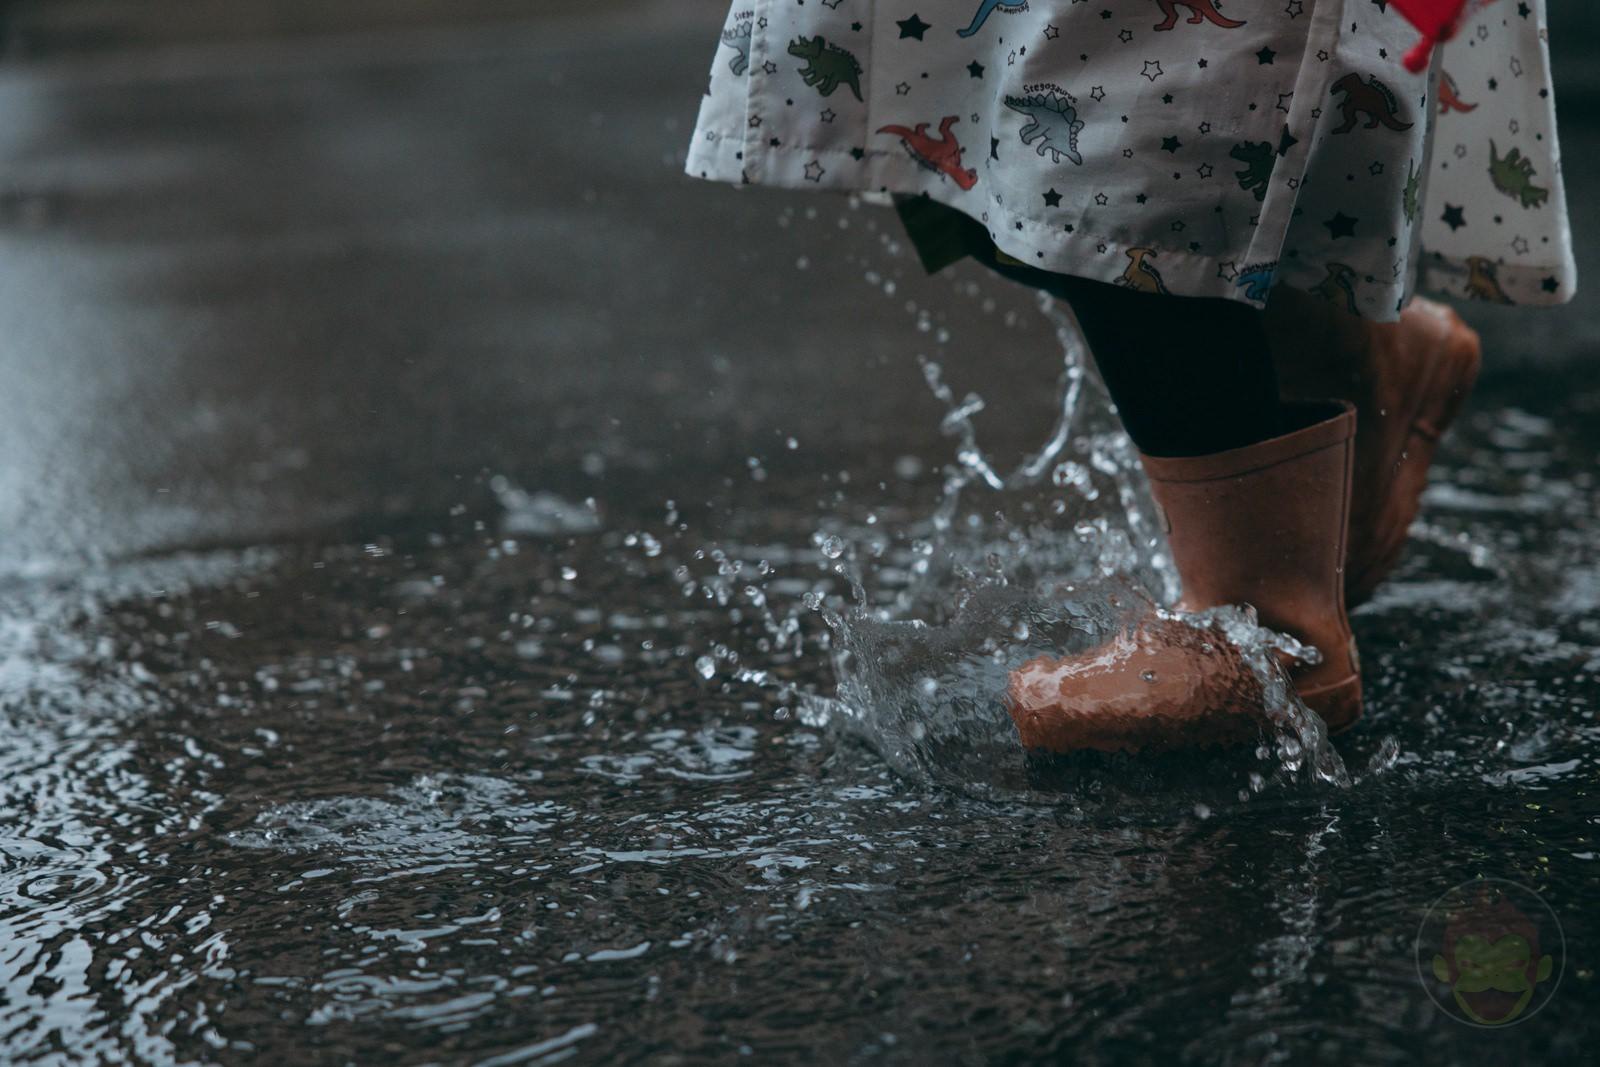 Having Fun in the rain 19